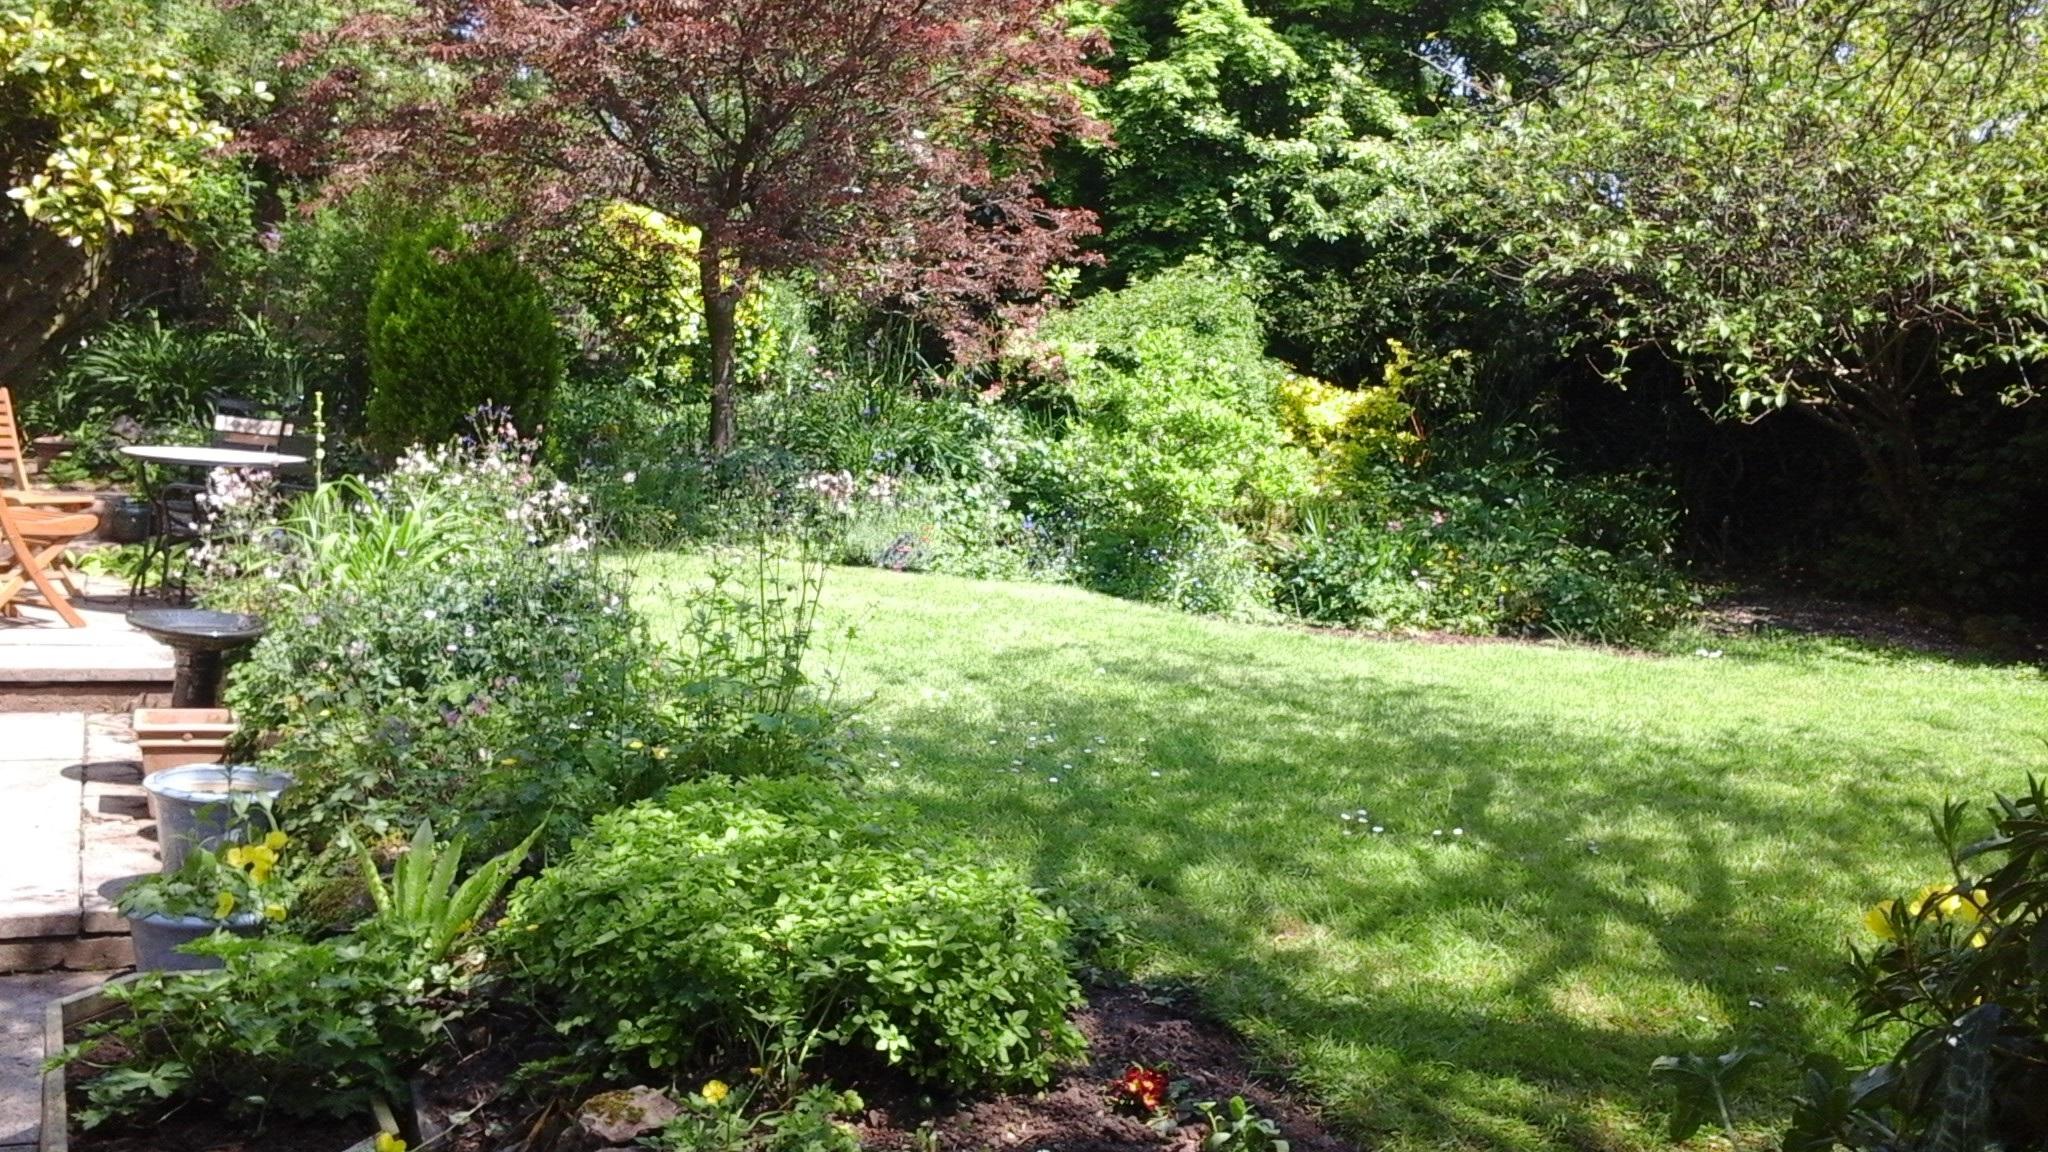 West Barton Open Garden